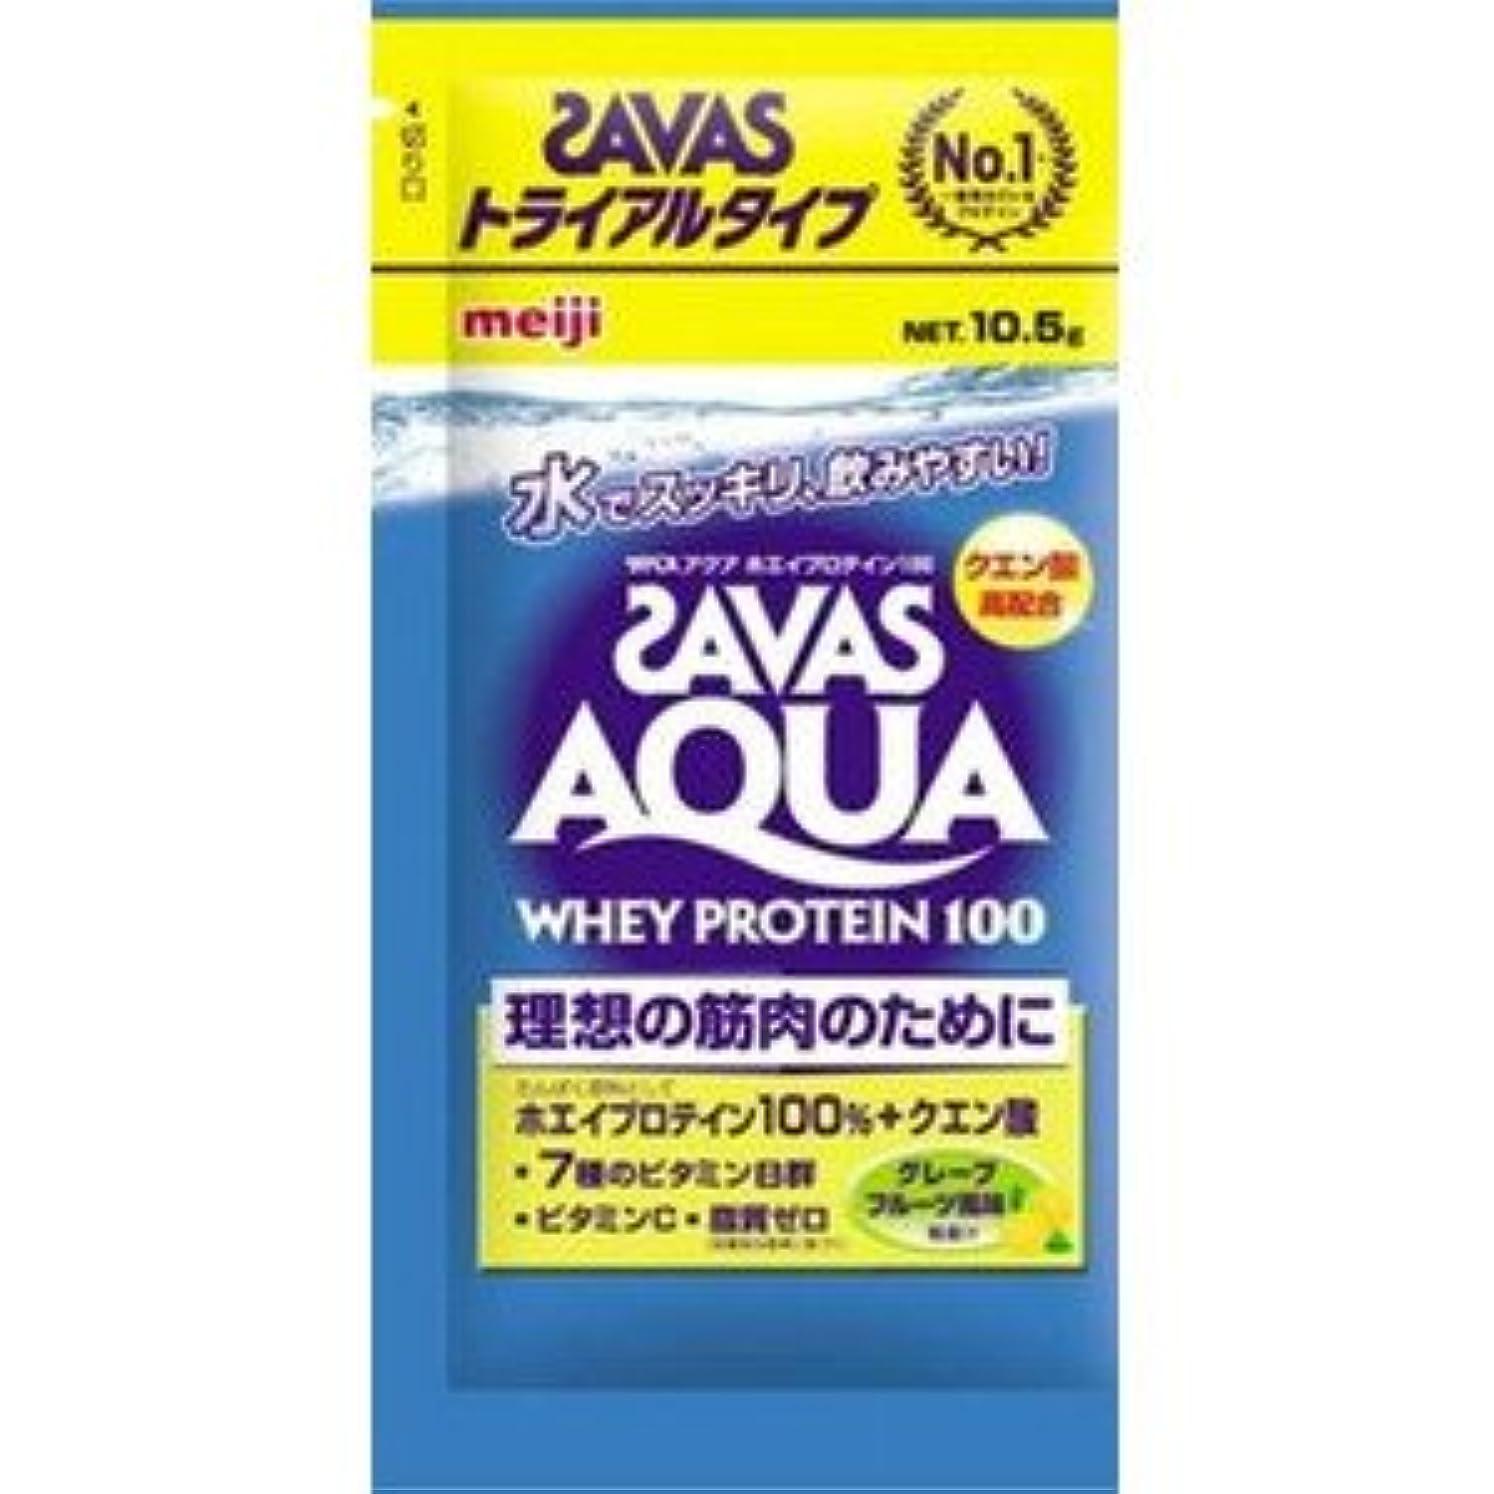 有罪アルミニウム器用(ロート製薬)肌研 極潤ヒアルロン洗顔フォーム 100g(お買い得3本セット)